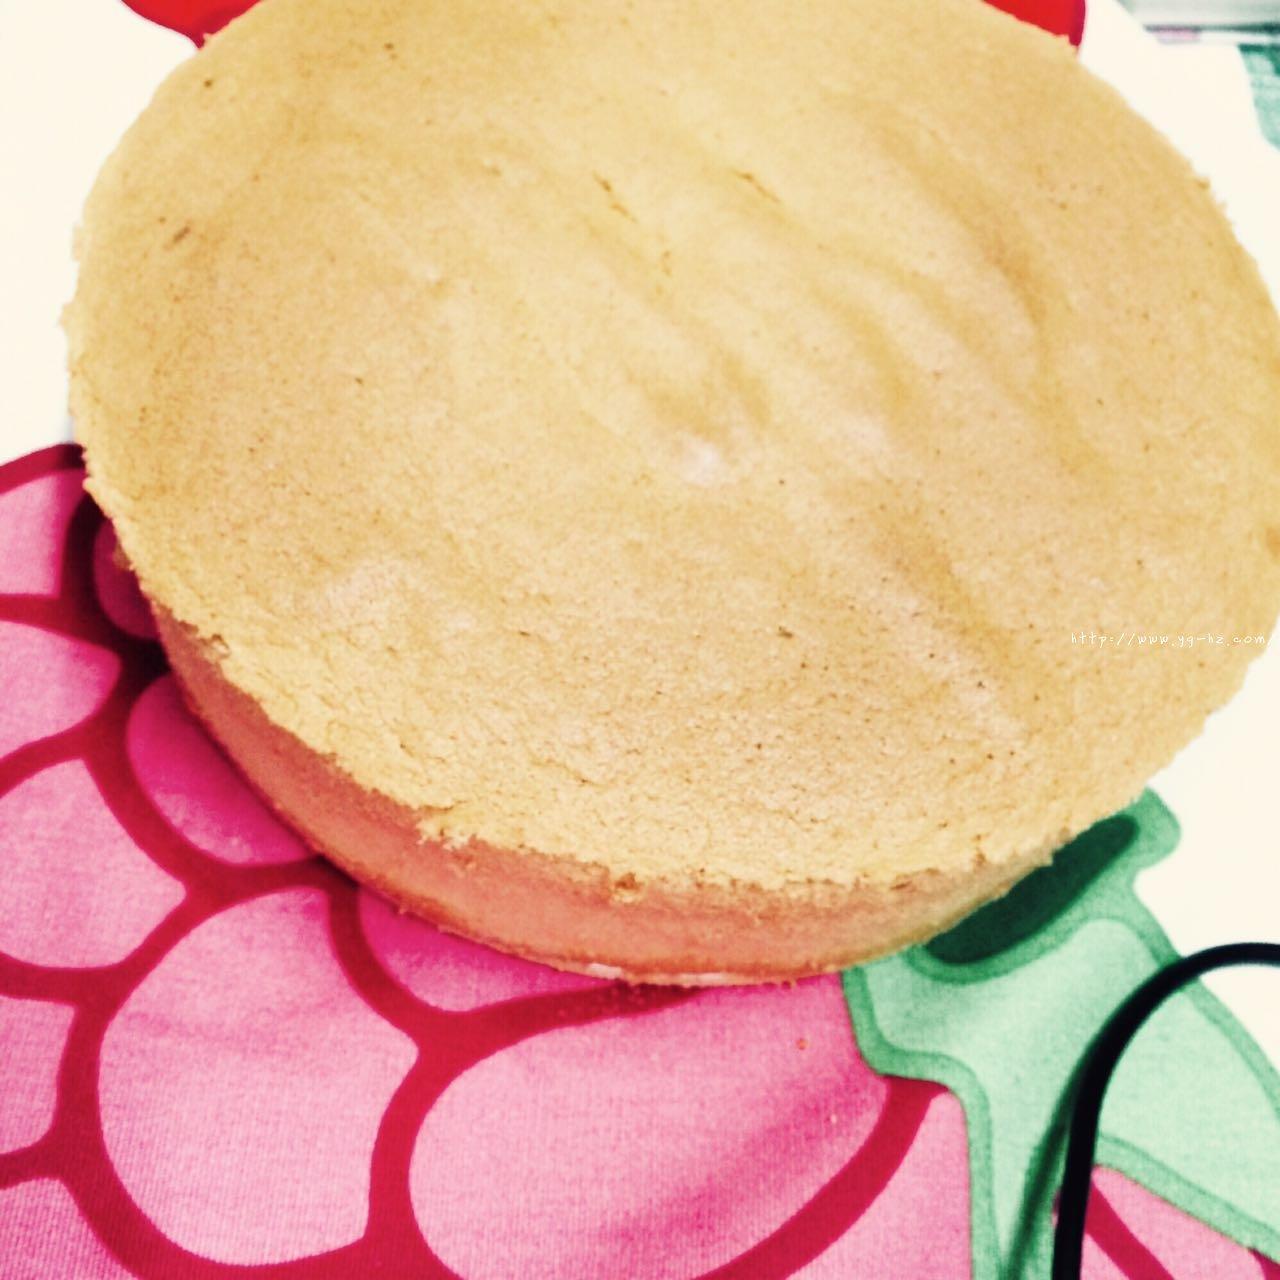 教你做一个不塌陷不缩腰口感细腻的戚风蛋糕(八寸)的做法